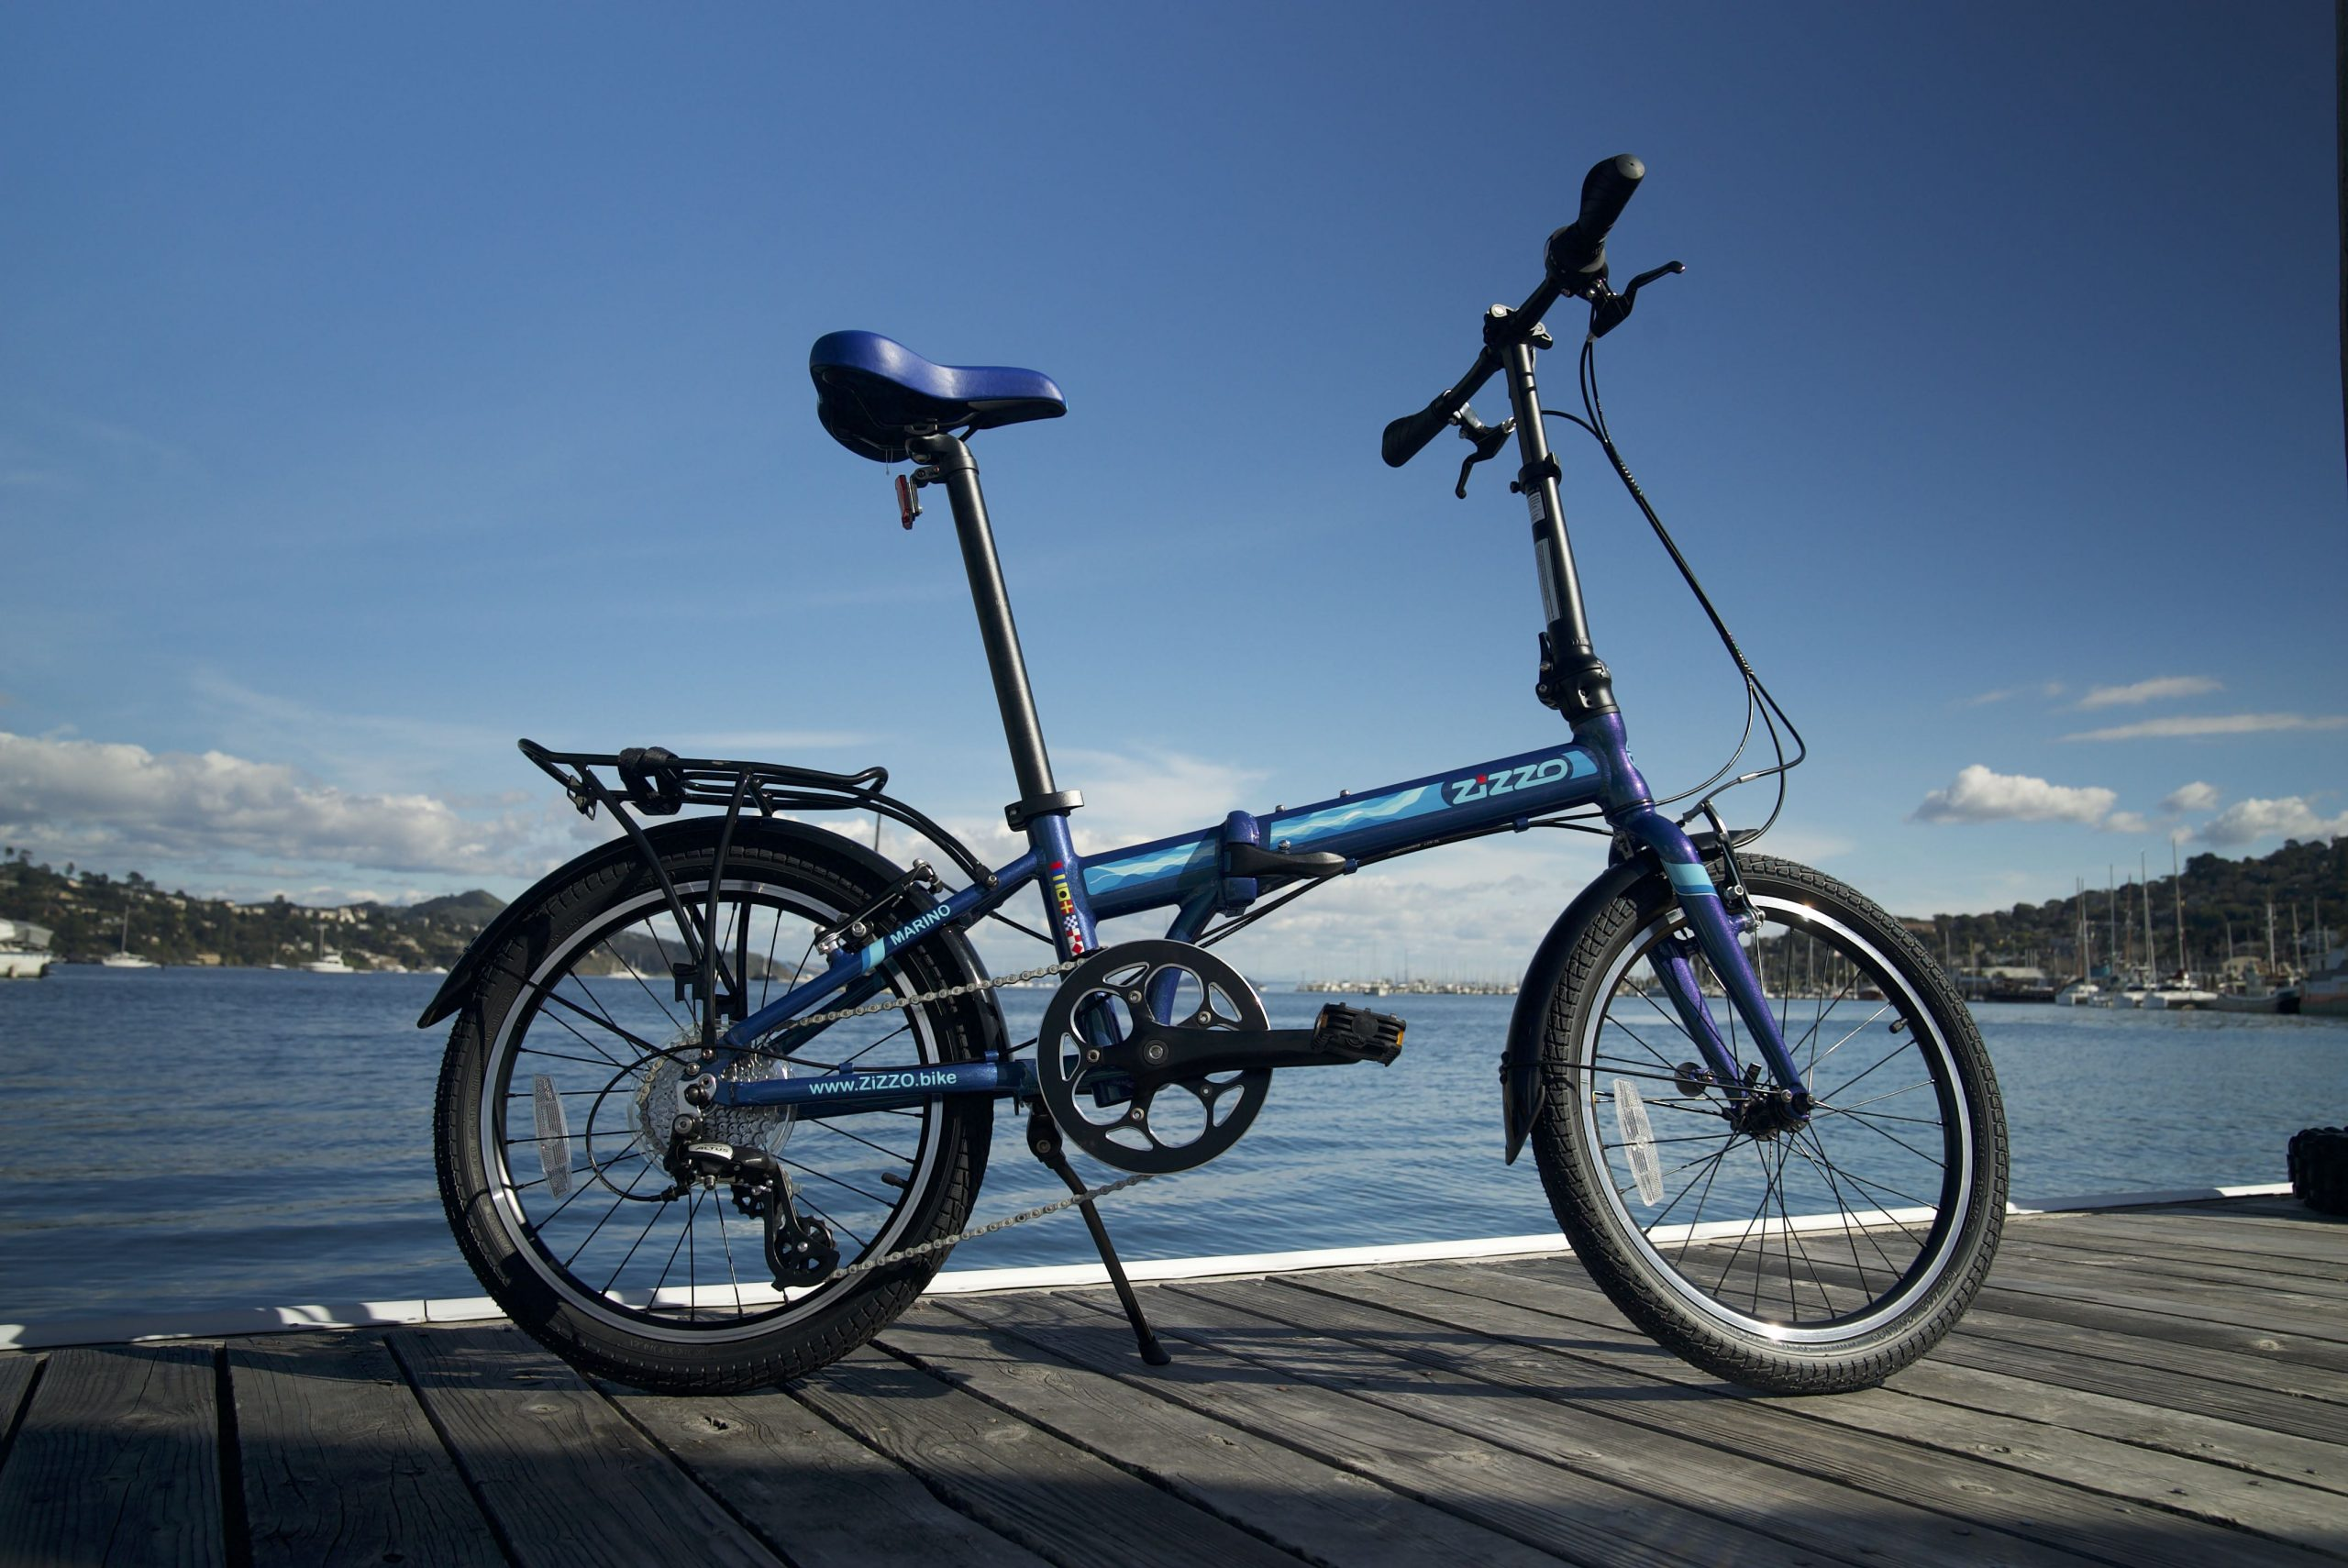 ZiZZO Bike Unfolded